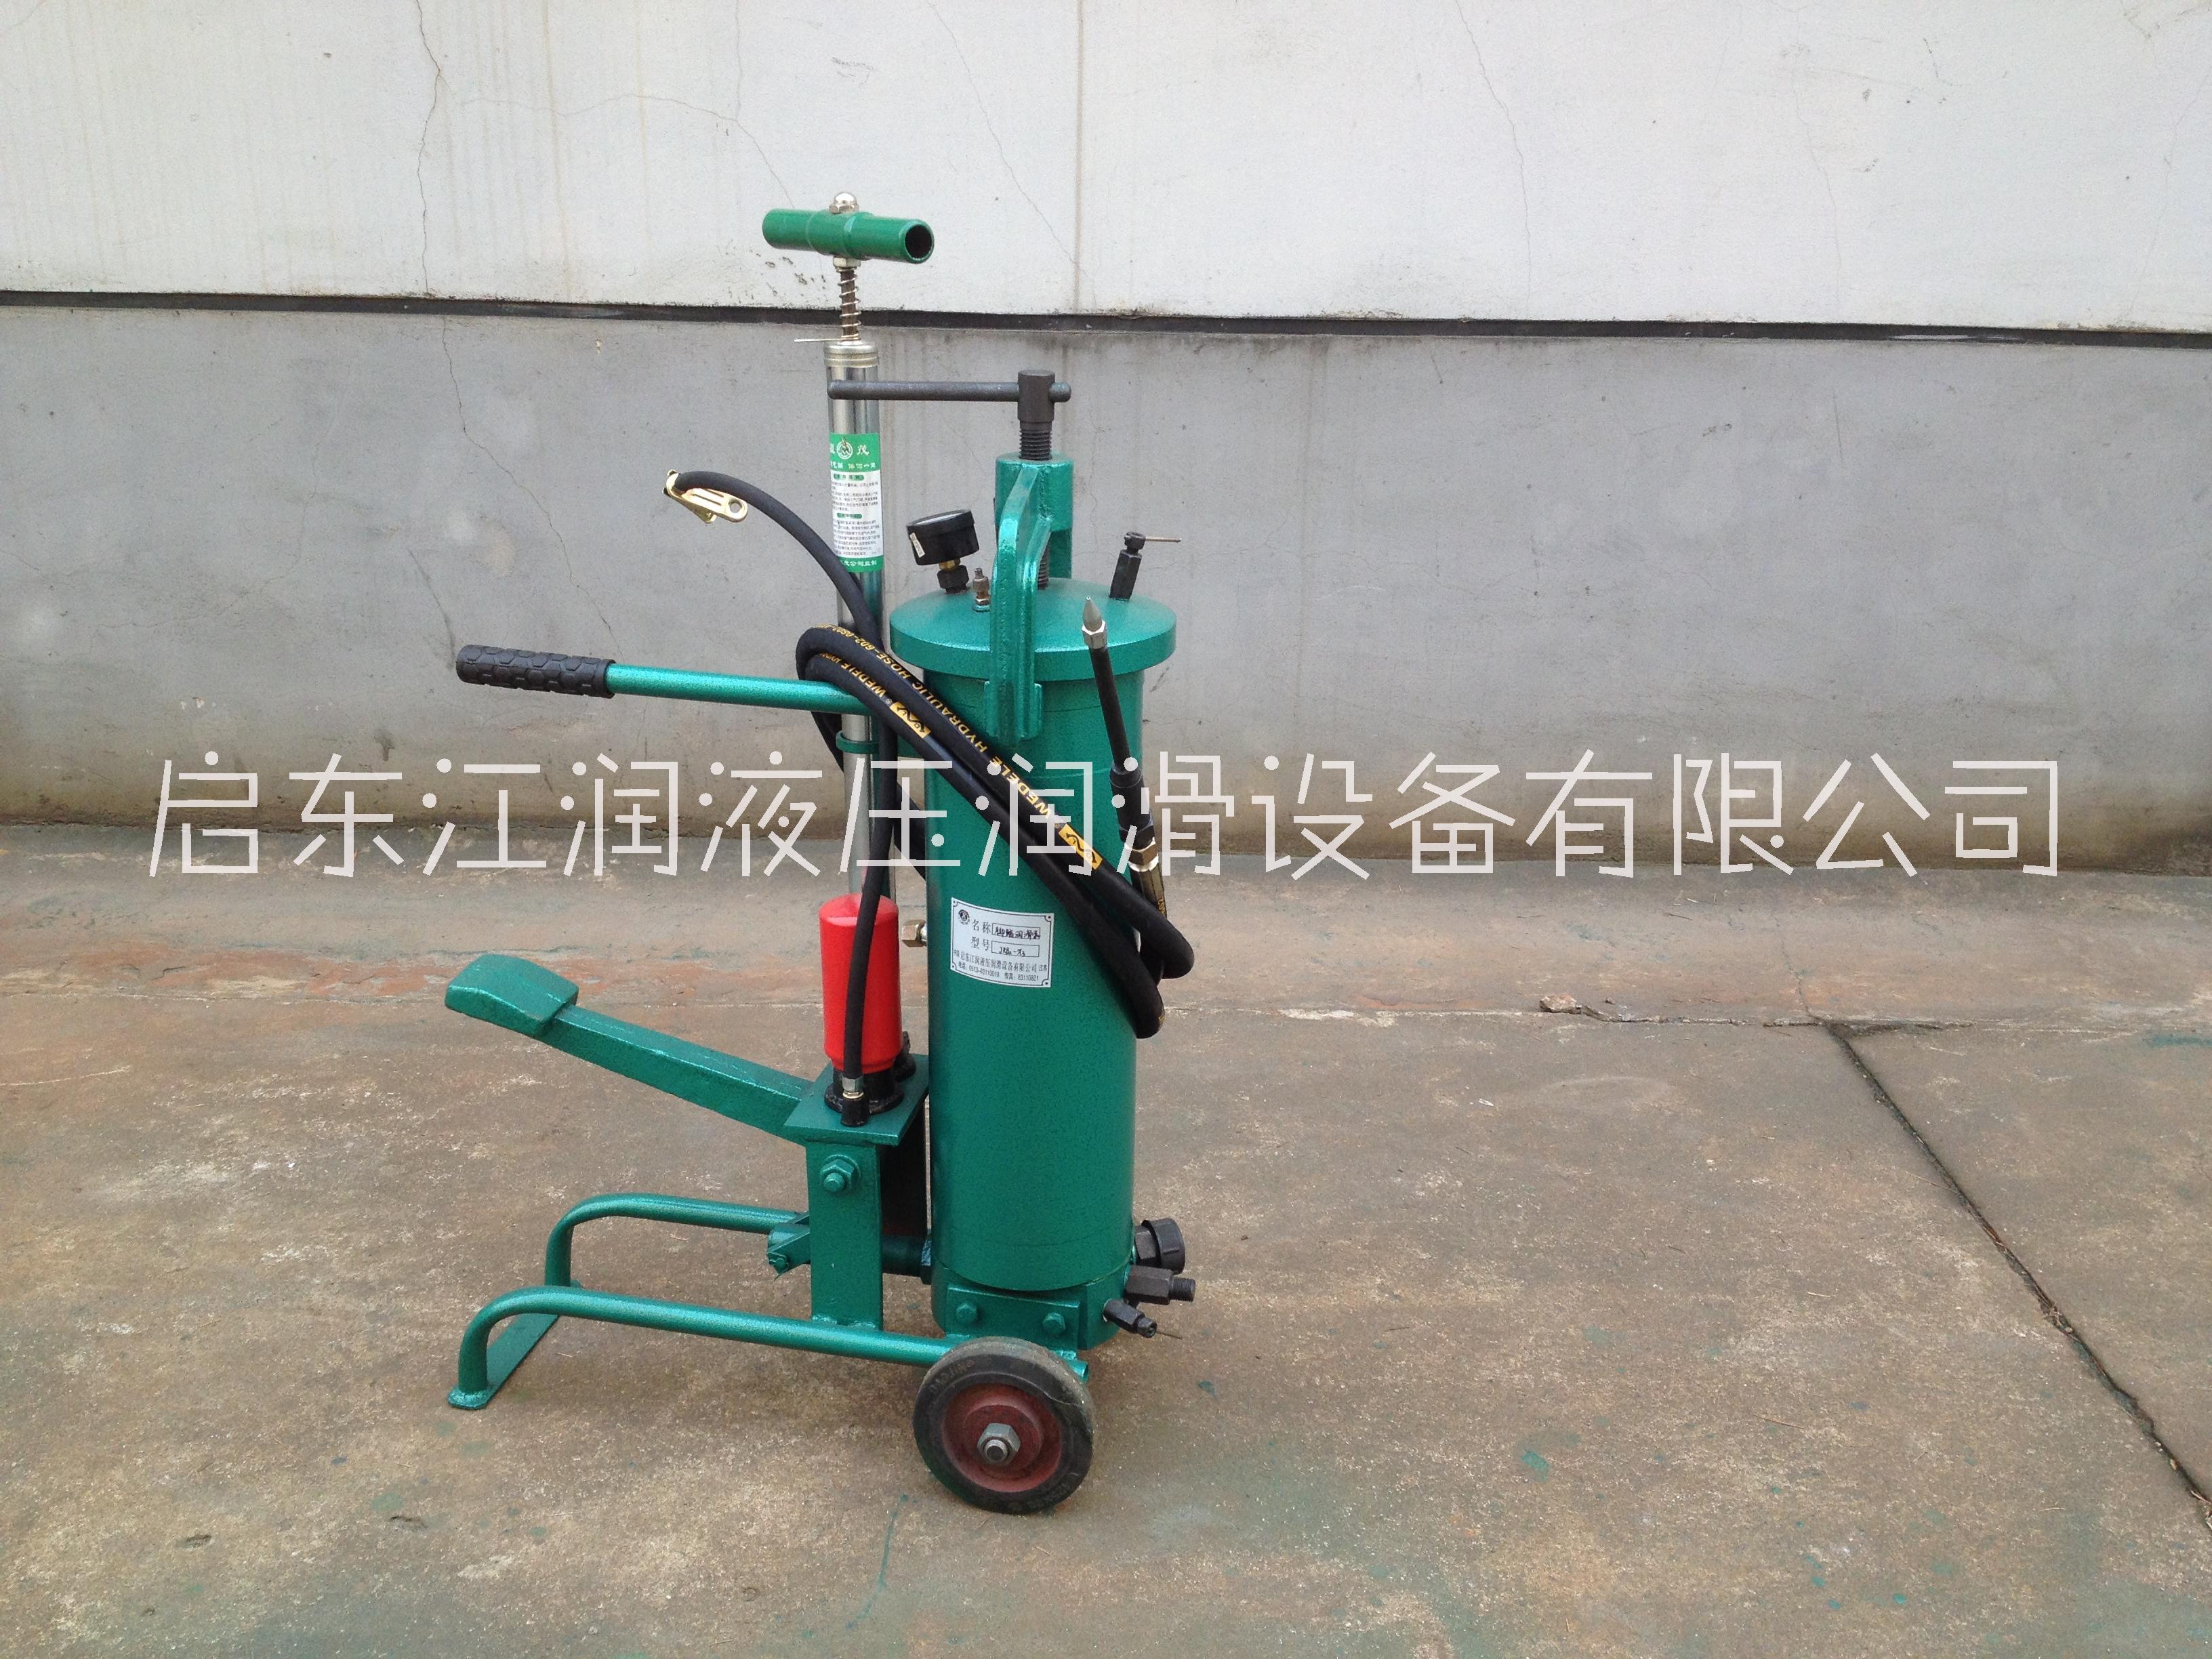 JRB2-X3脚踏润滑泵水泥厂用_启东江润液压润滑设备有限公司